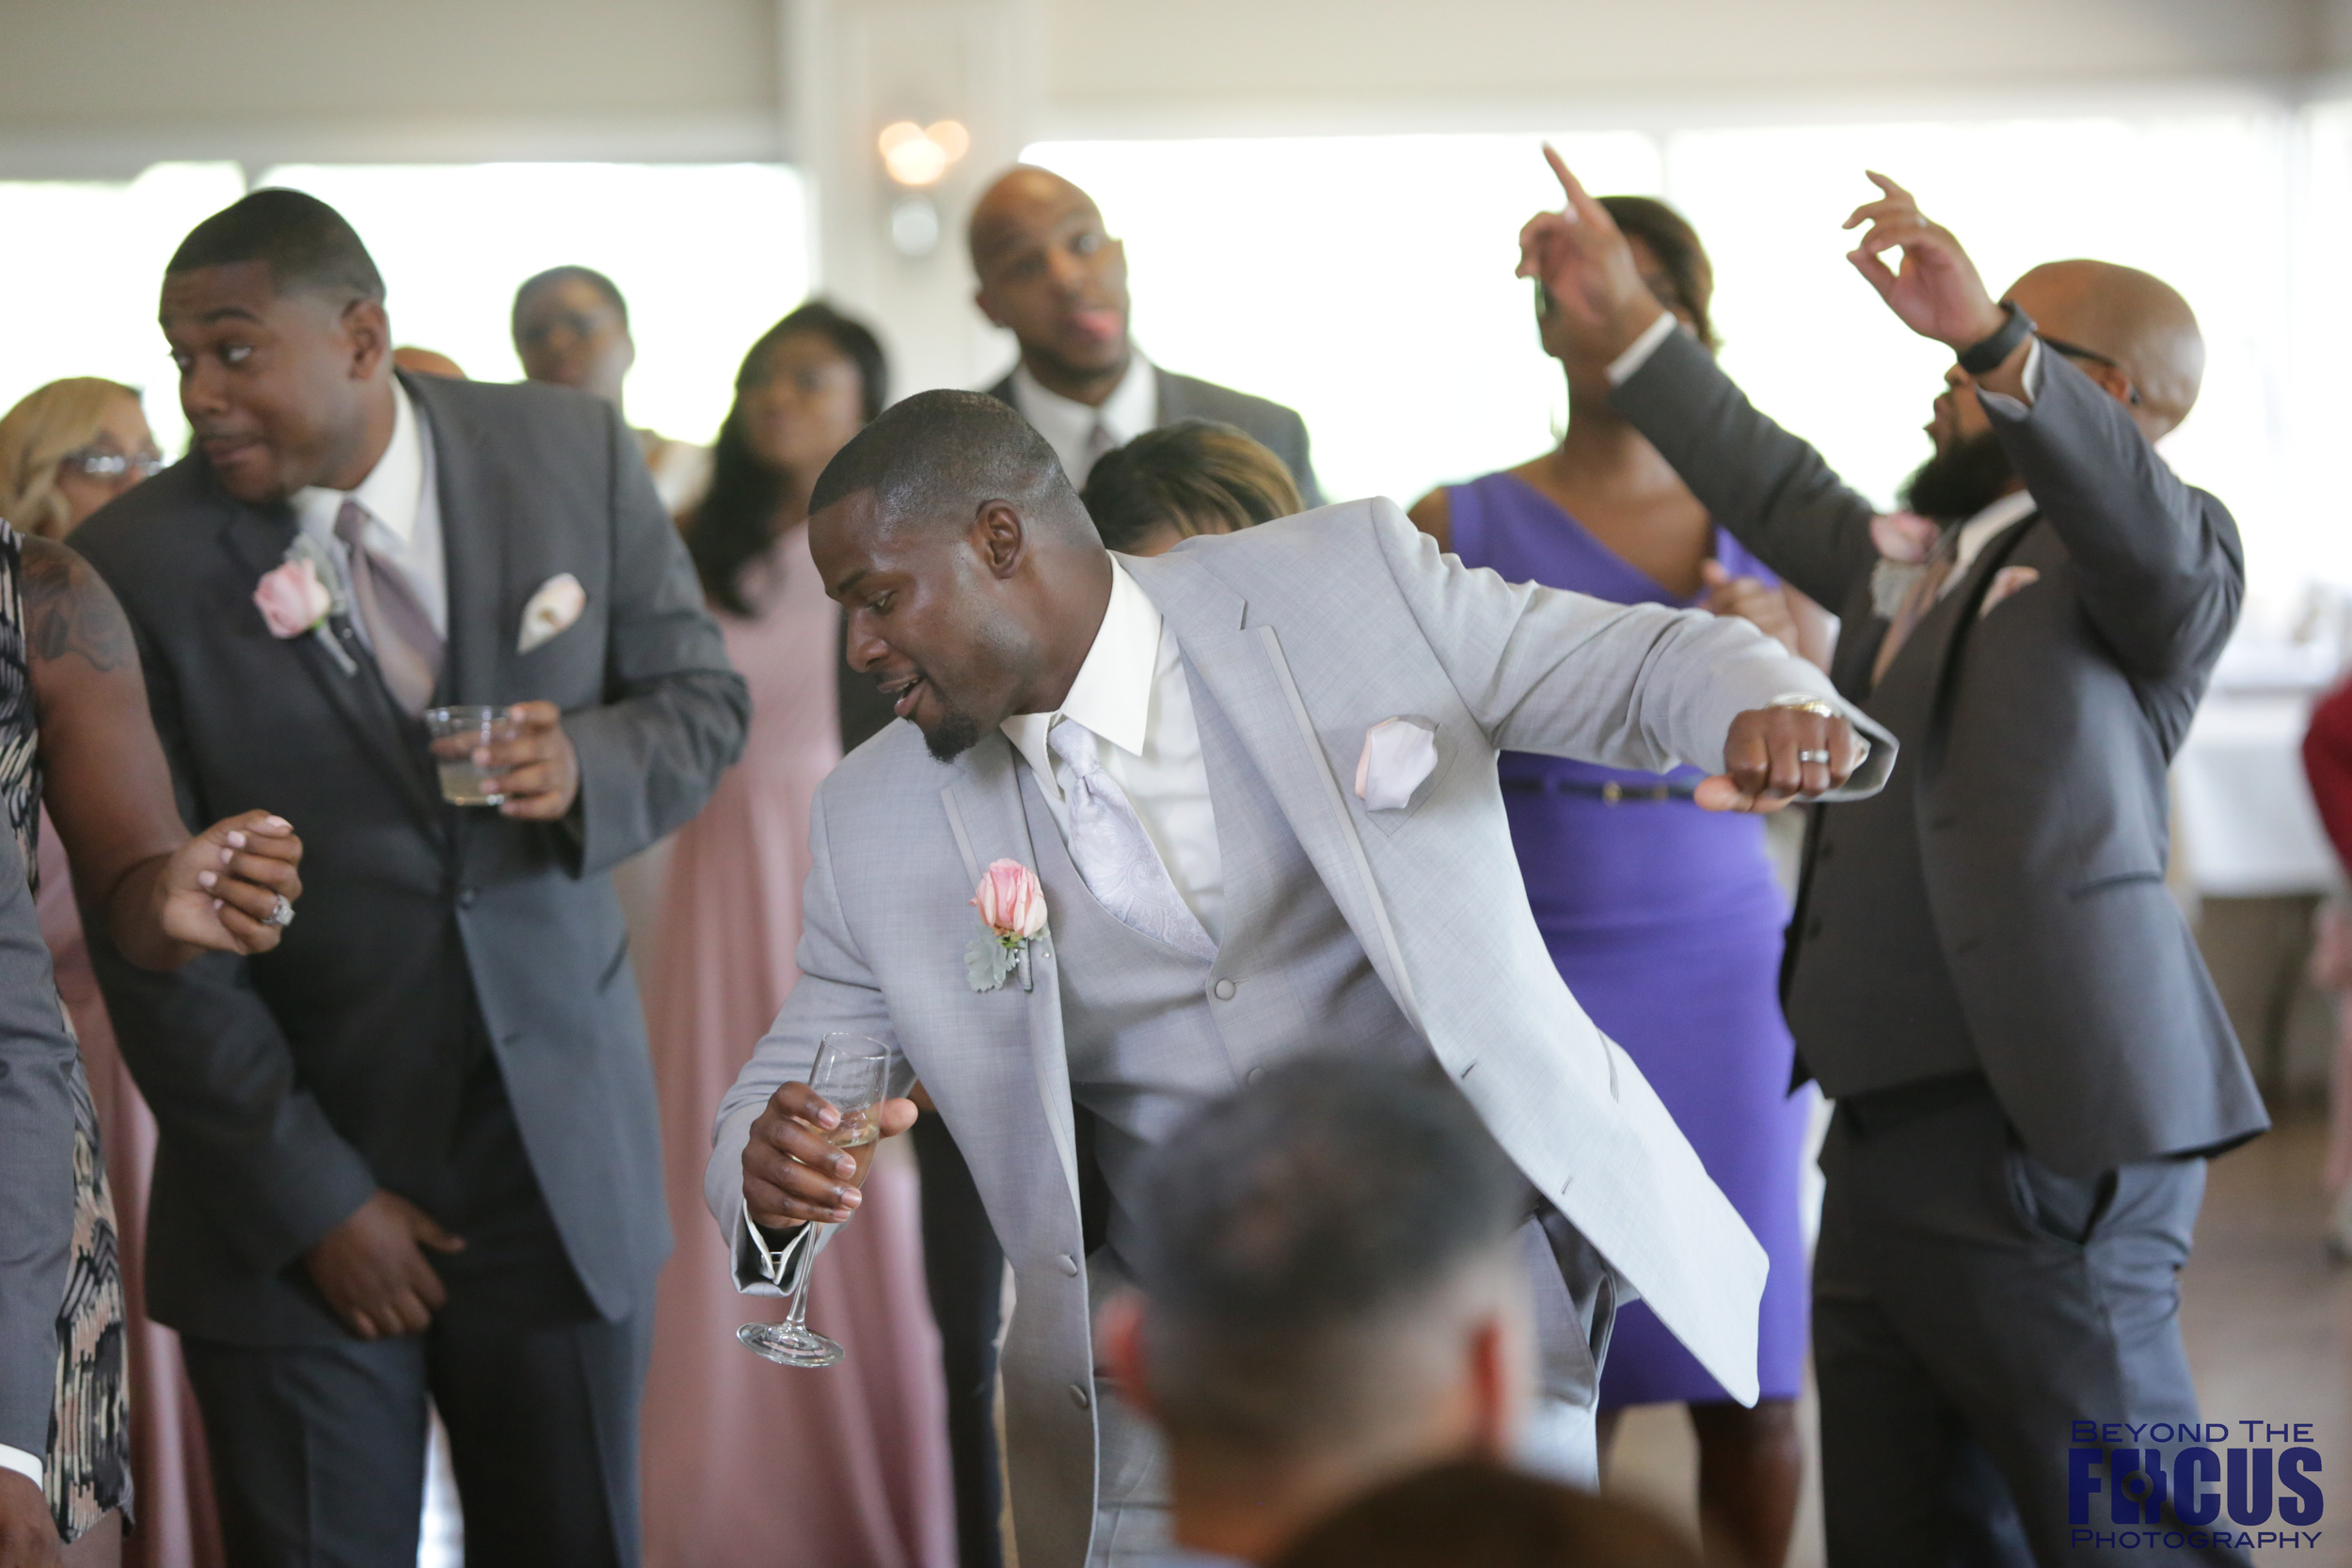 Palmer Wedding - Reception 26.jpg